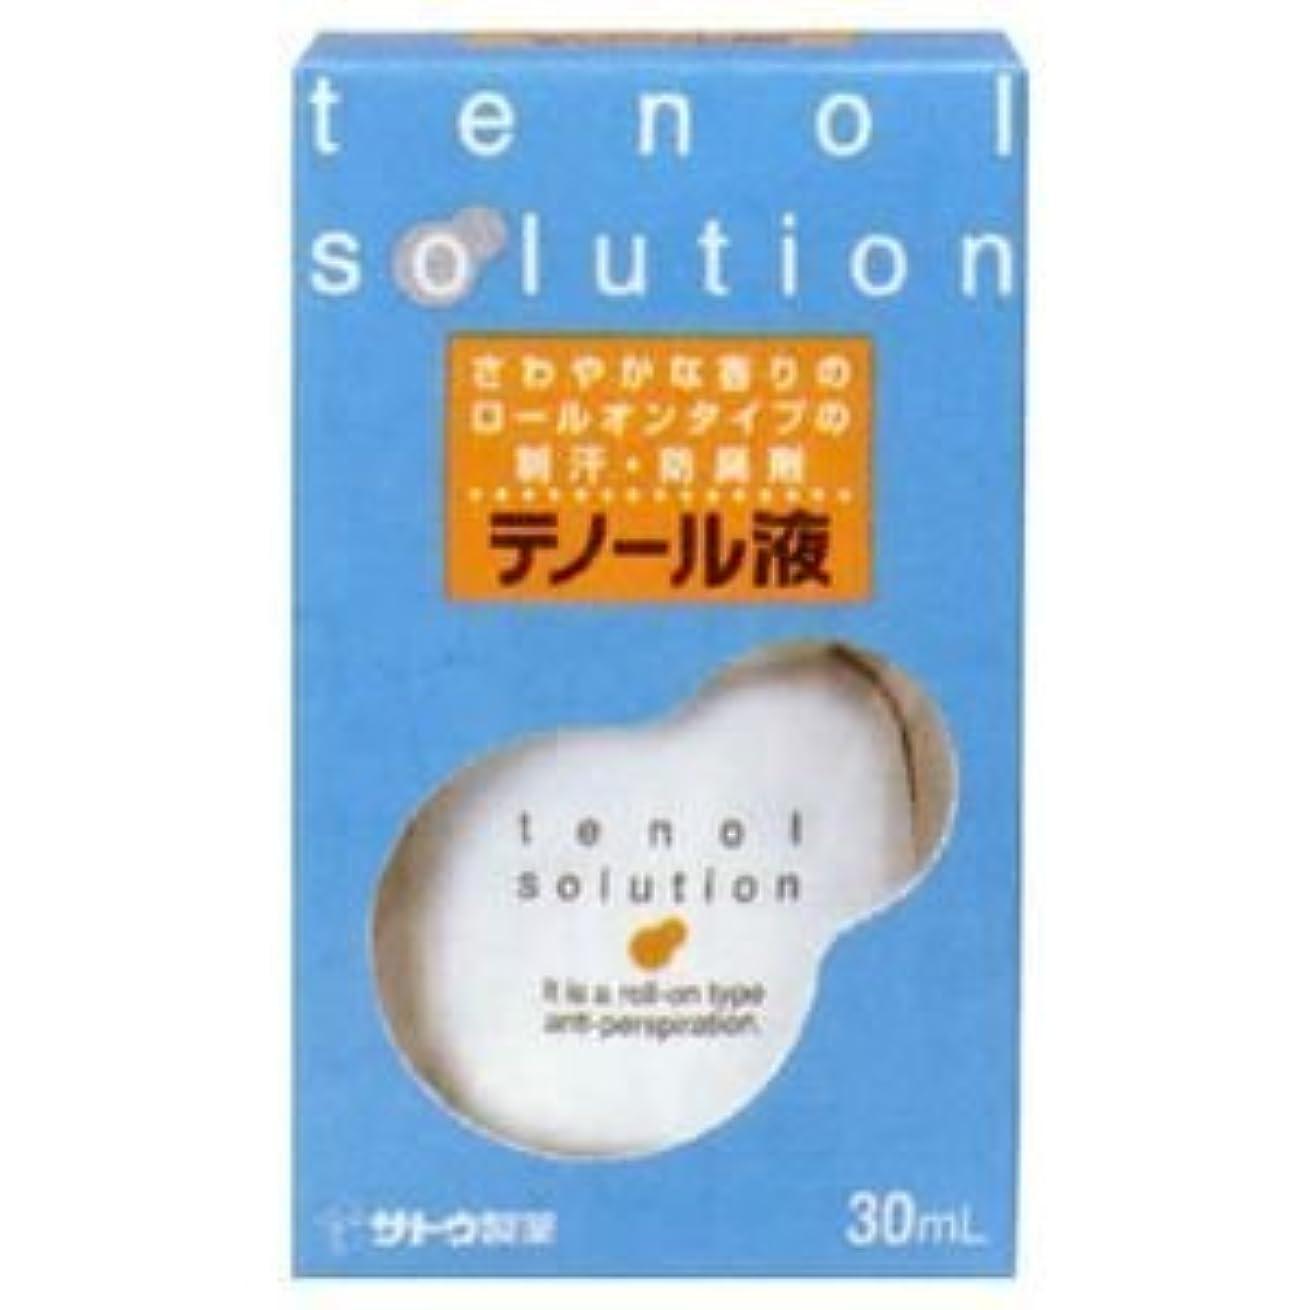 怪しいパテ気分が良い佐藤製薬 テノール液(30ml)×2